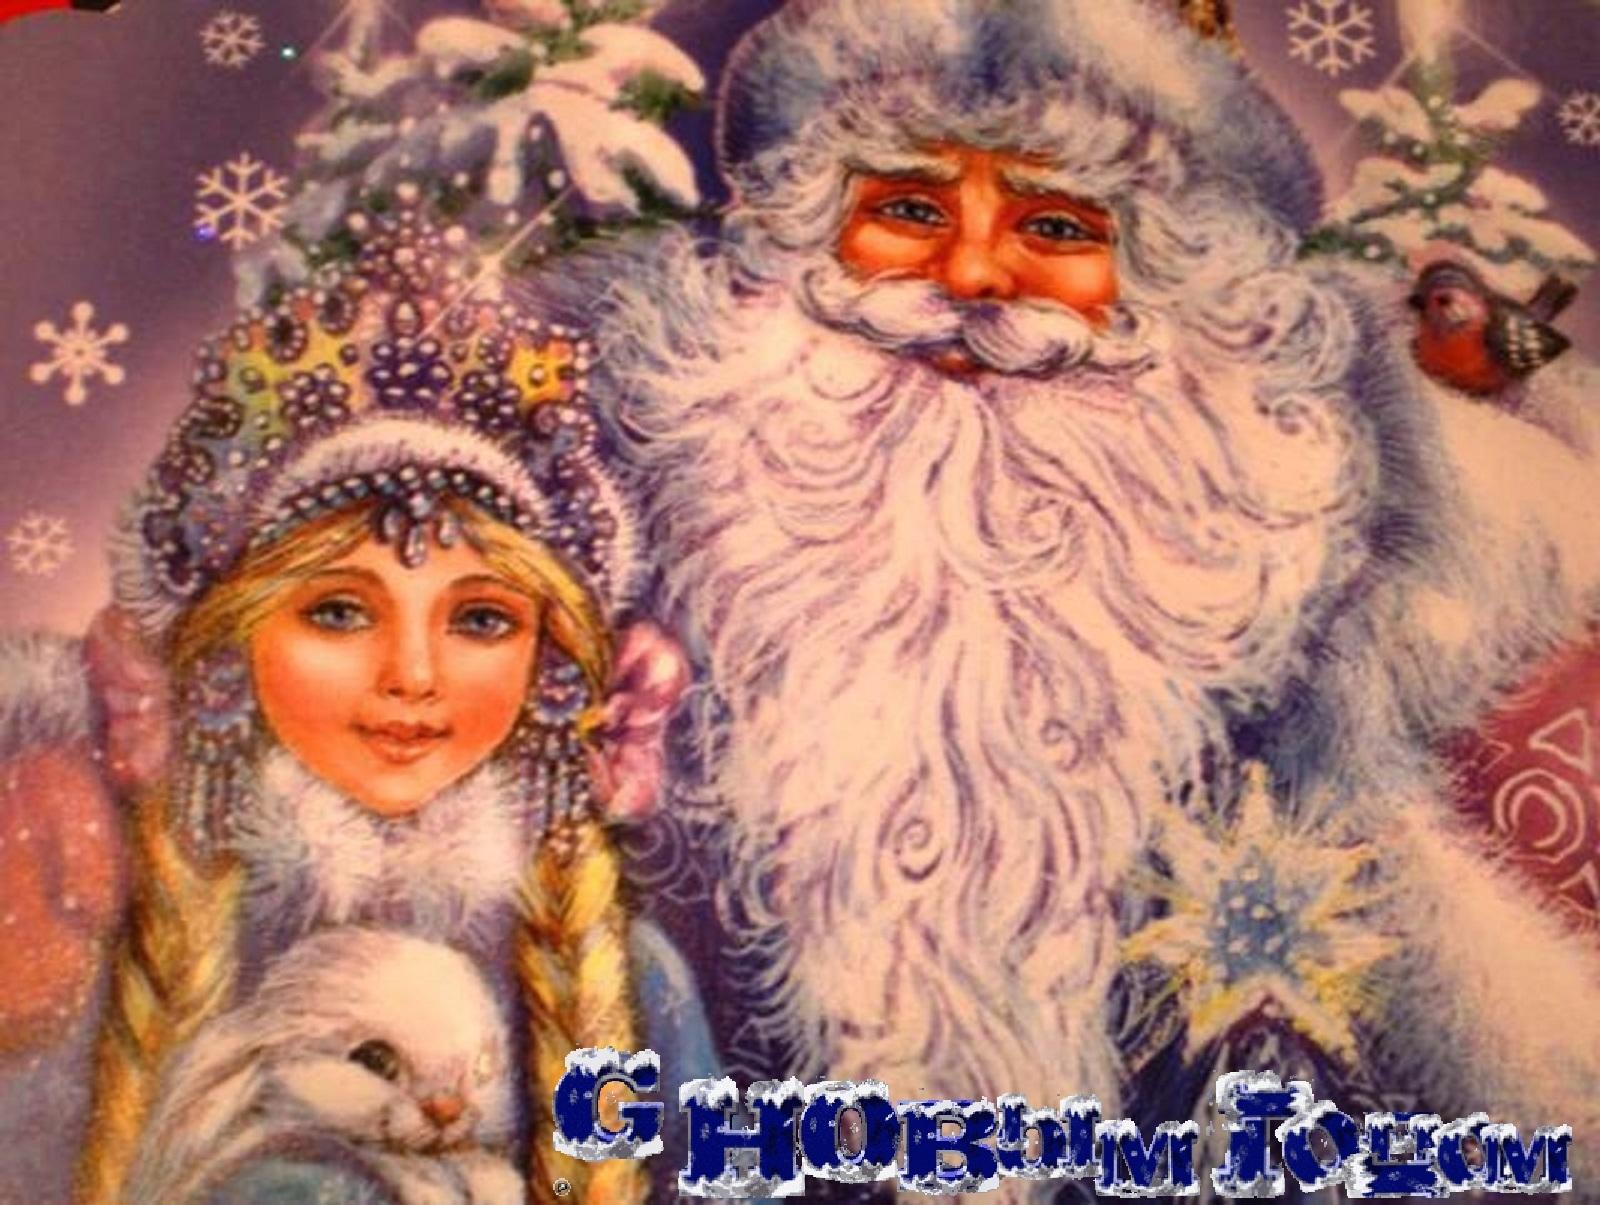 Старинные картинки дед мороз и снегурочка, картинки прикольные